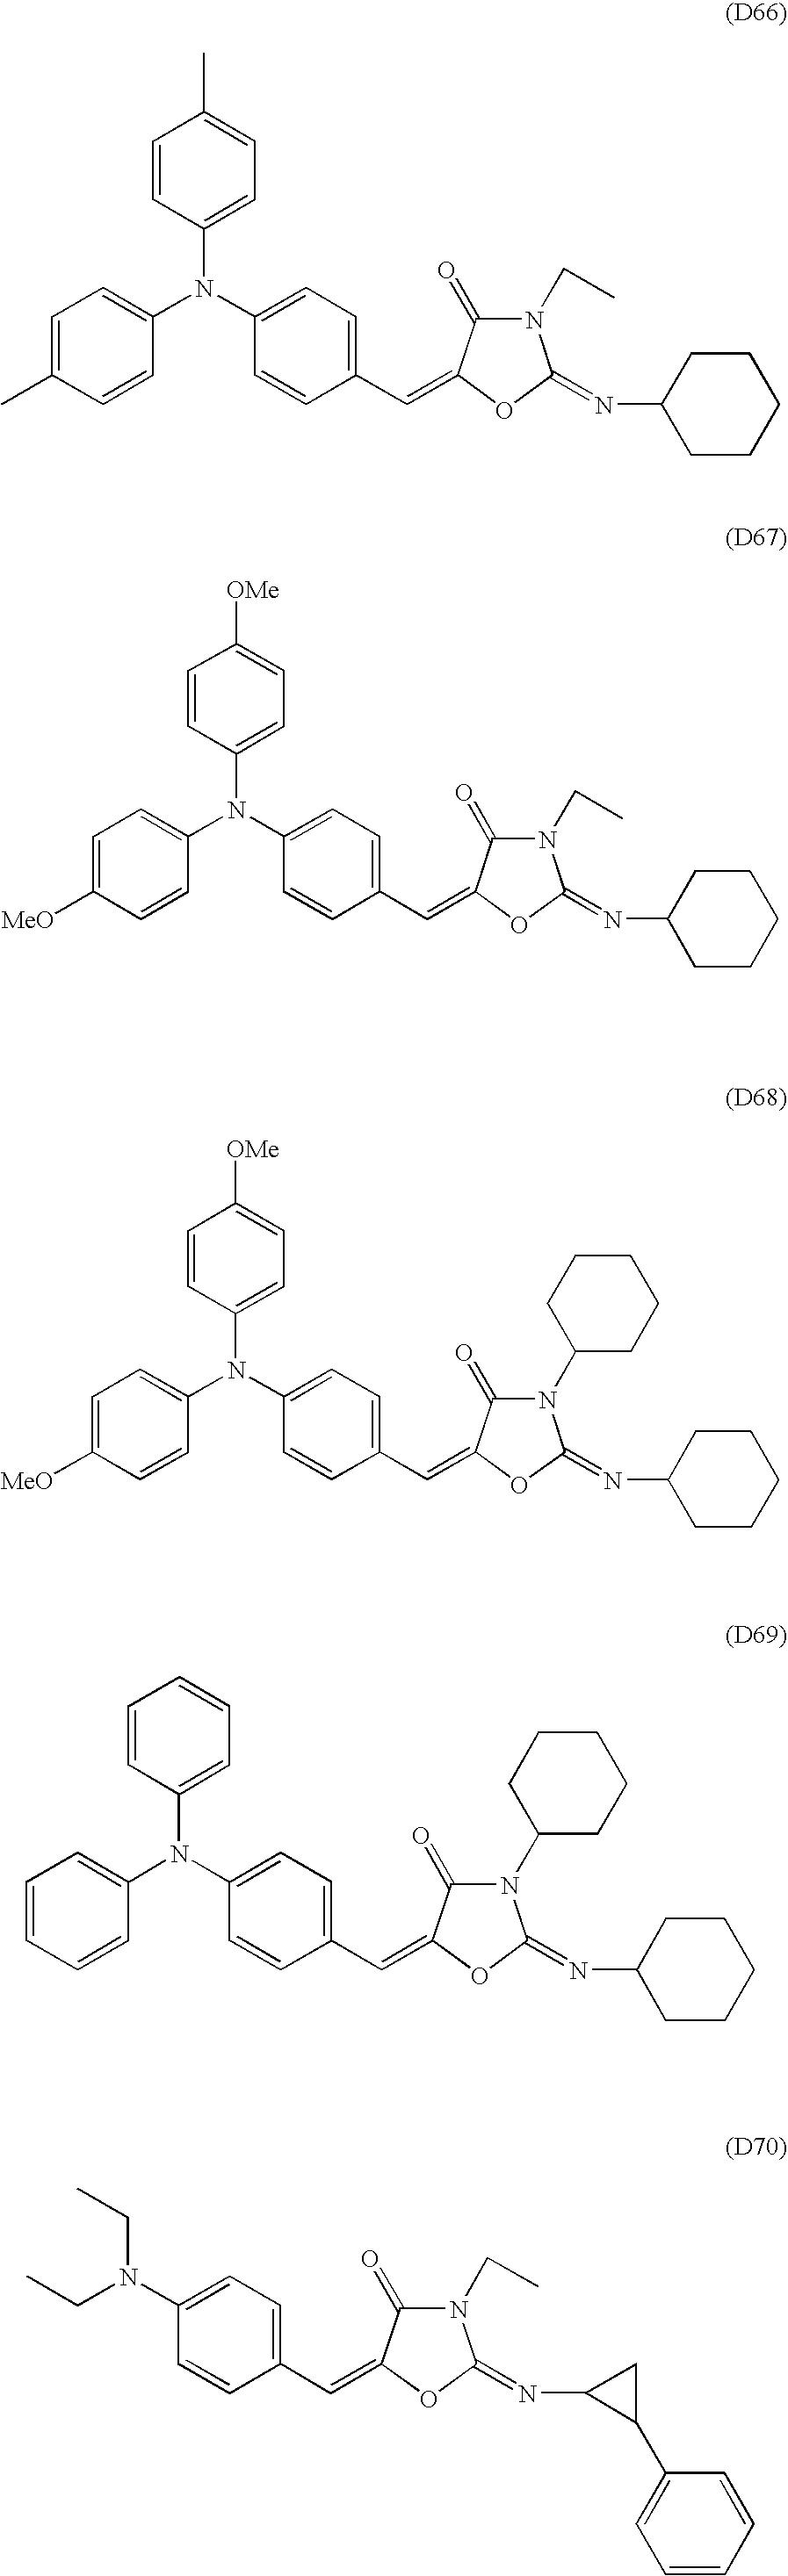 Figure US20070212641A1-20070913-C00017